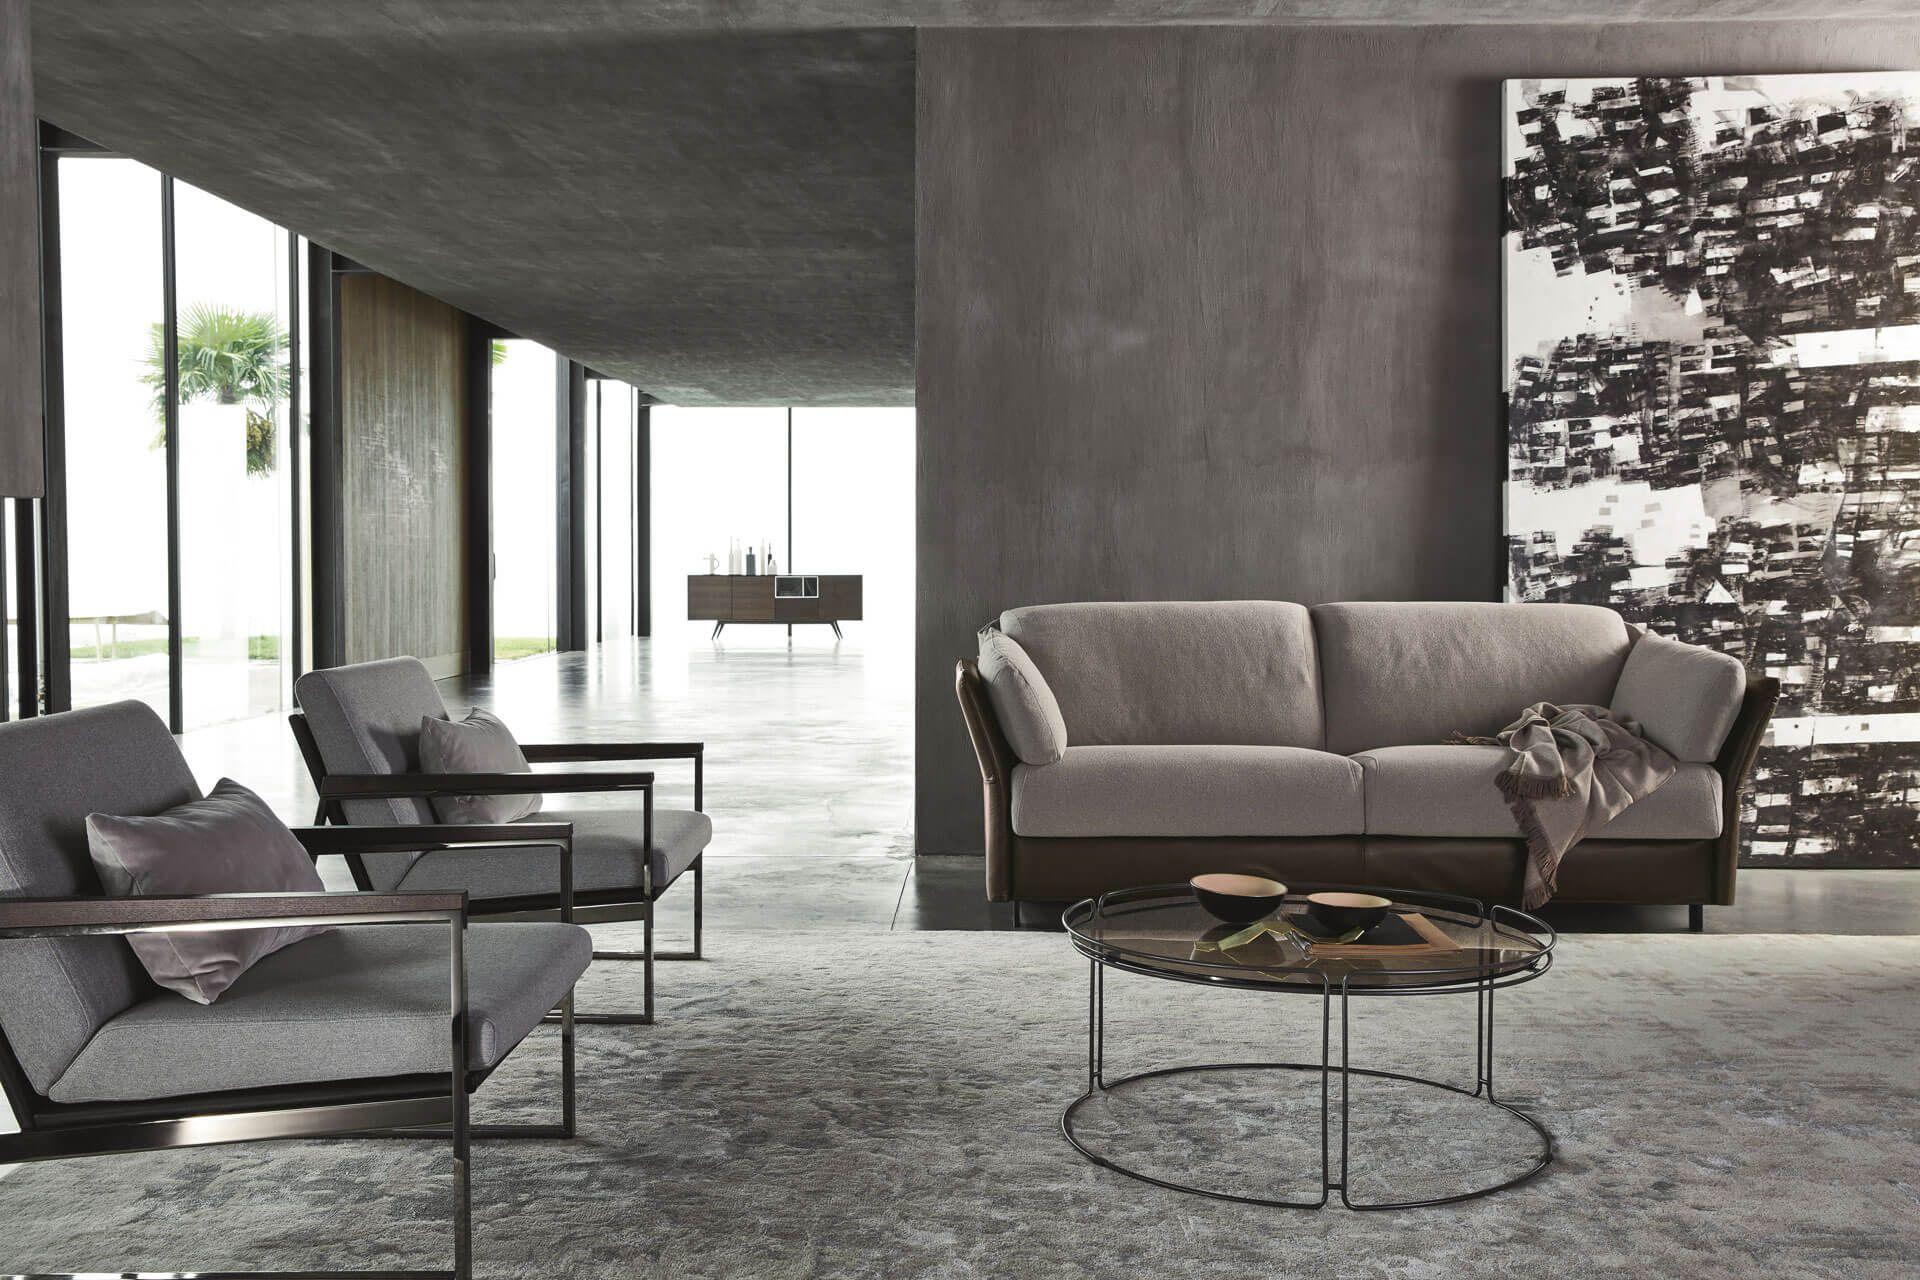 Modelli Divani Ad Angolo.Kanaha Ditre Italia Design Divano Idee Per Decorare La Casa